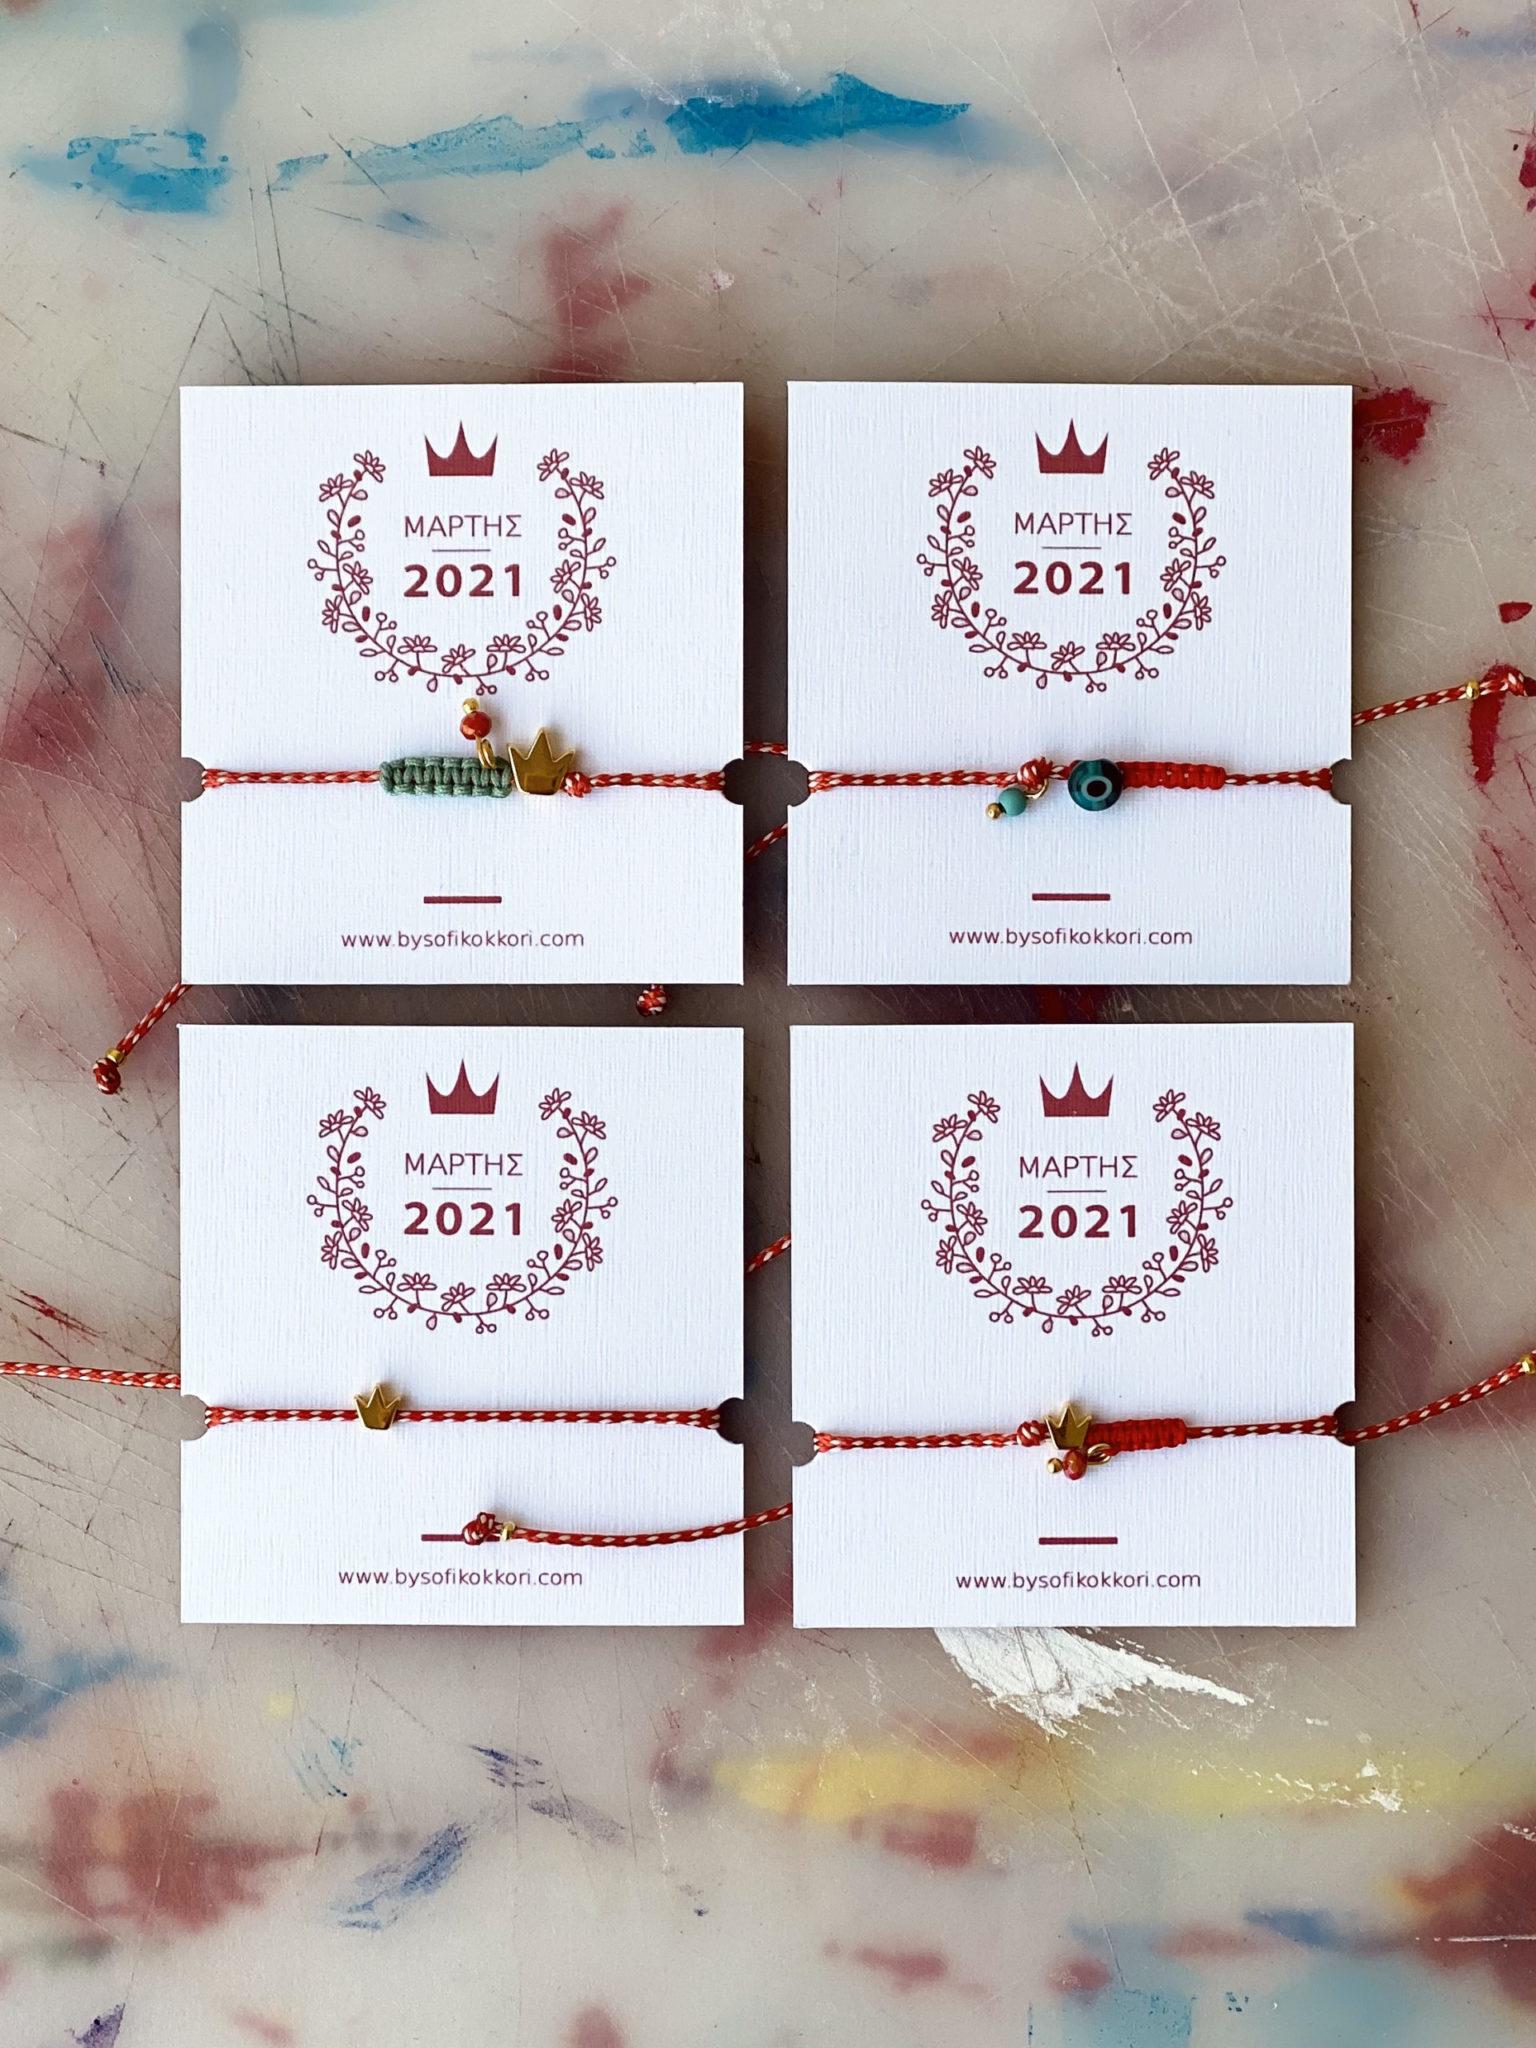 Martis-2021-special-occasion-crown-bracelets-crown-evil-eye